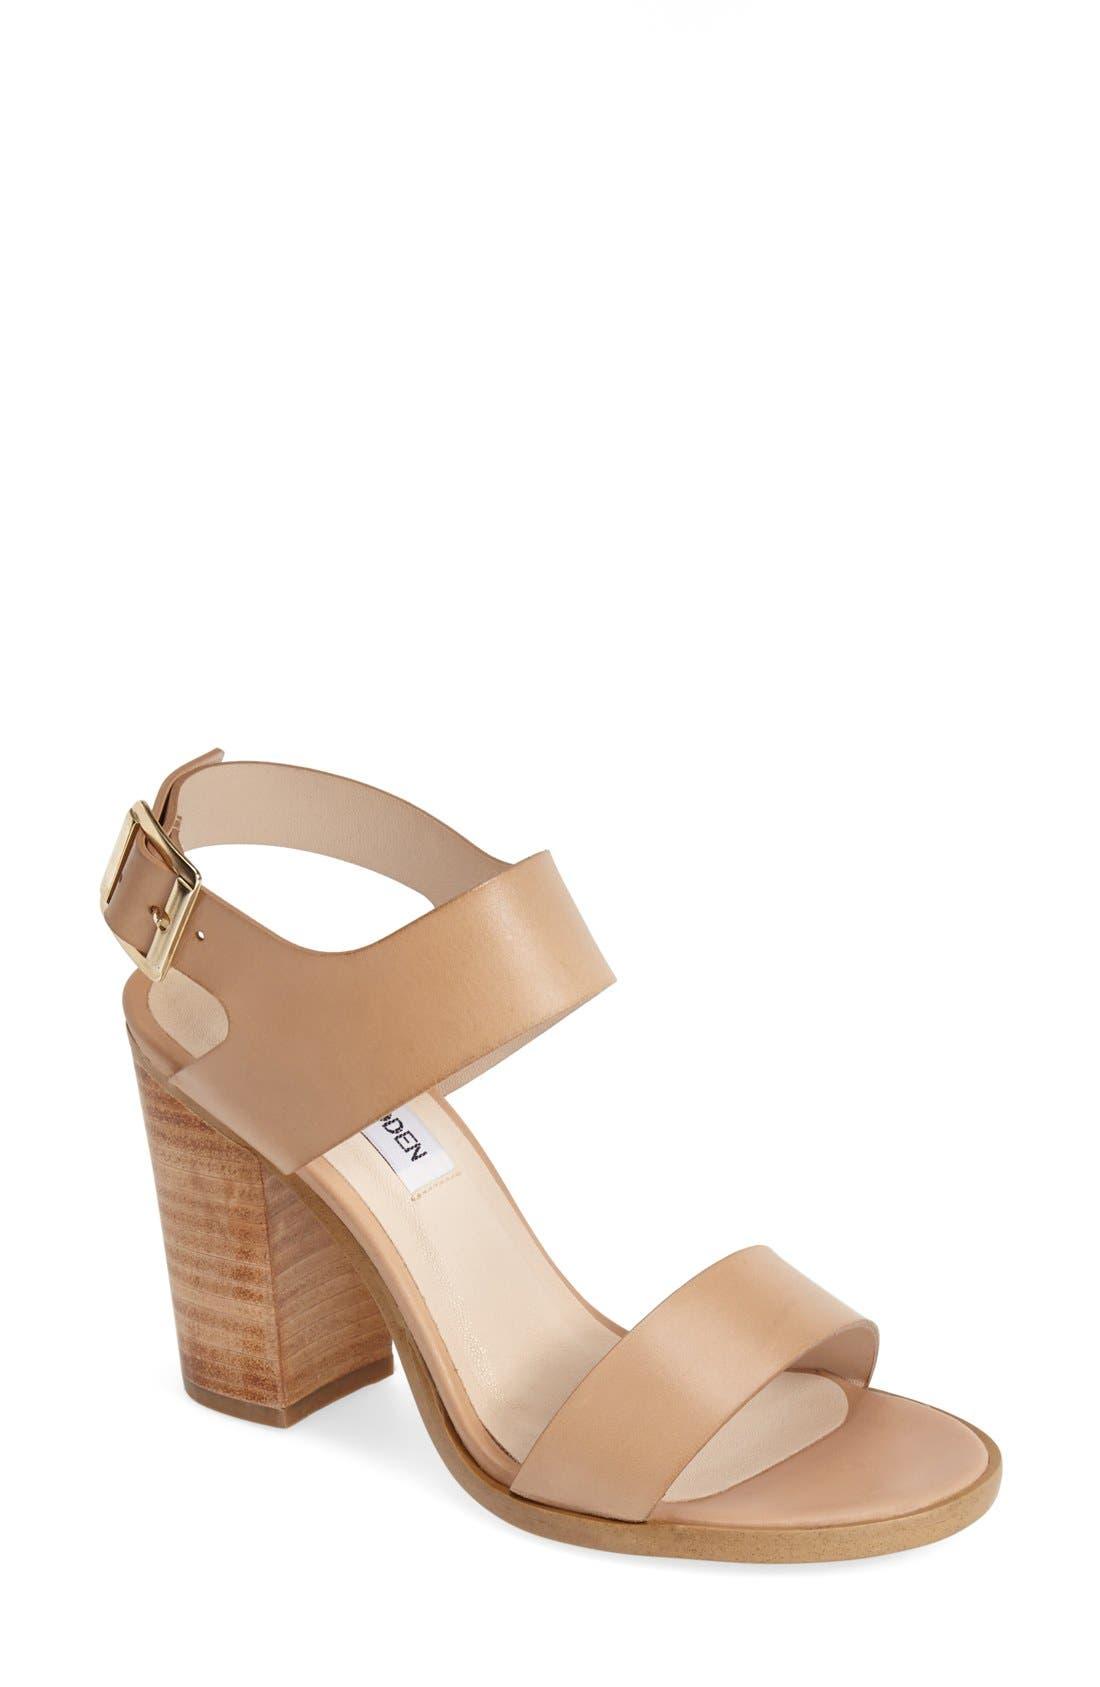 Alternate Image 1 Selected - Steve Madden 'Blaair' Leather Slingback Sandal (Women)